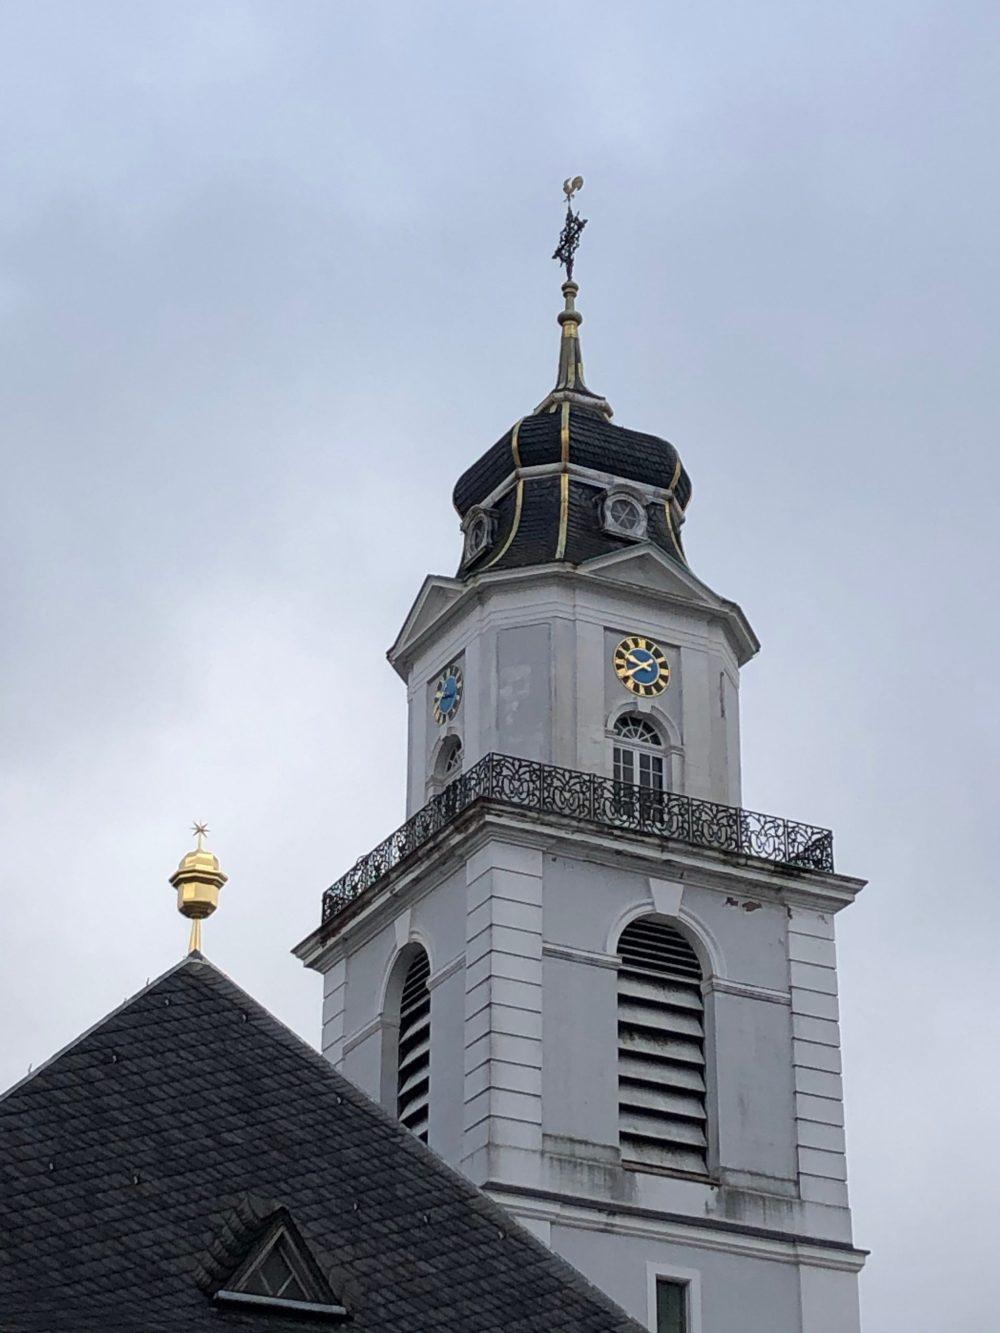 Turm der Friedenskirche in Saarbrücken neben dem Ludwigsplatz